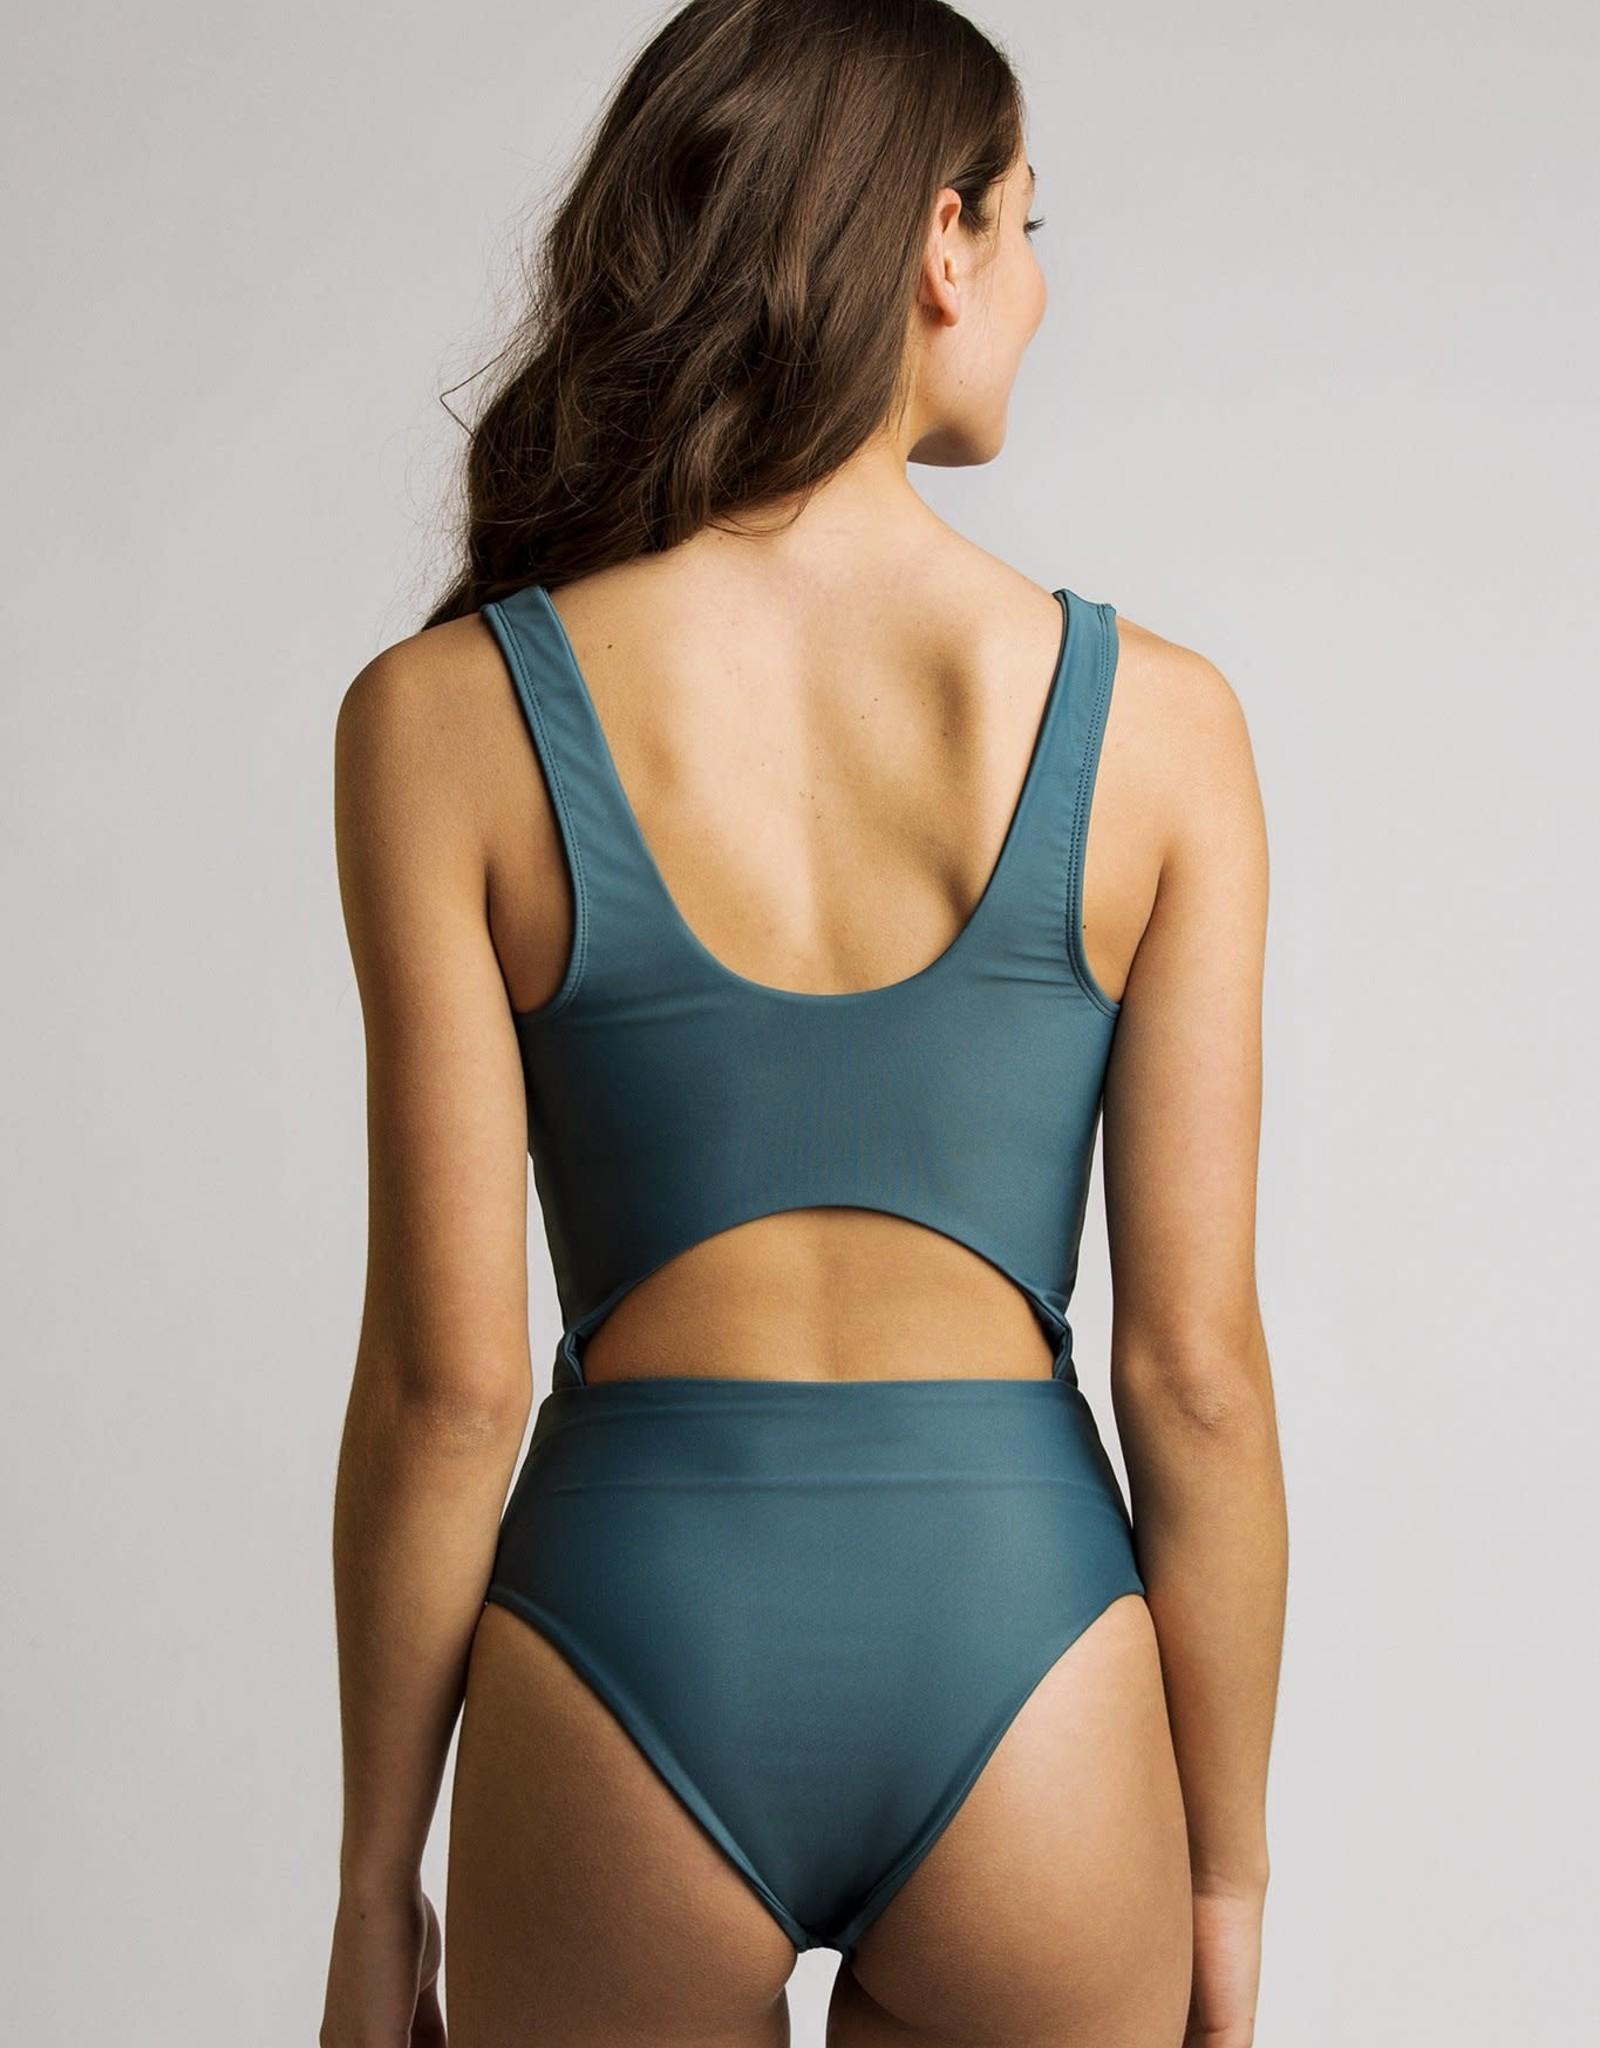 JUNE Swimwear Madisson One-Piece